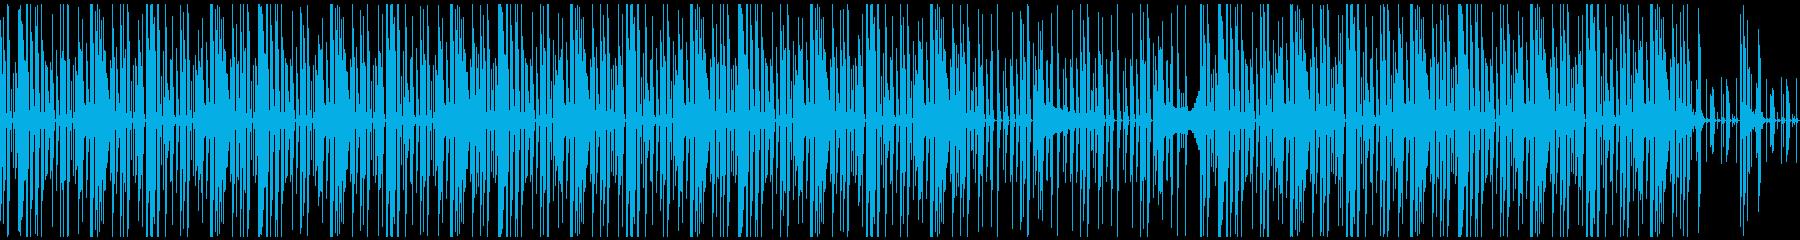 【ミニマル】ニュースB・報道・ループの再生済みの波形